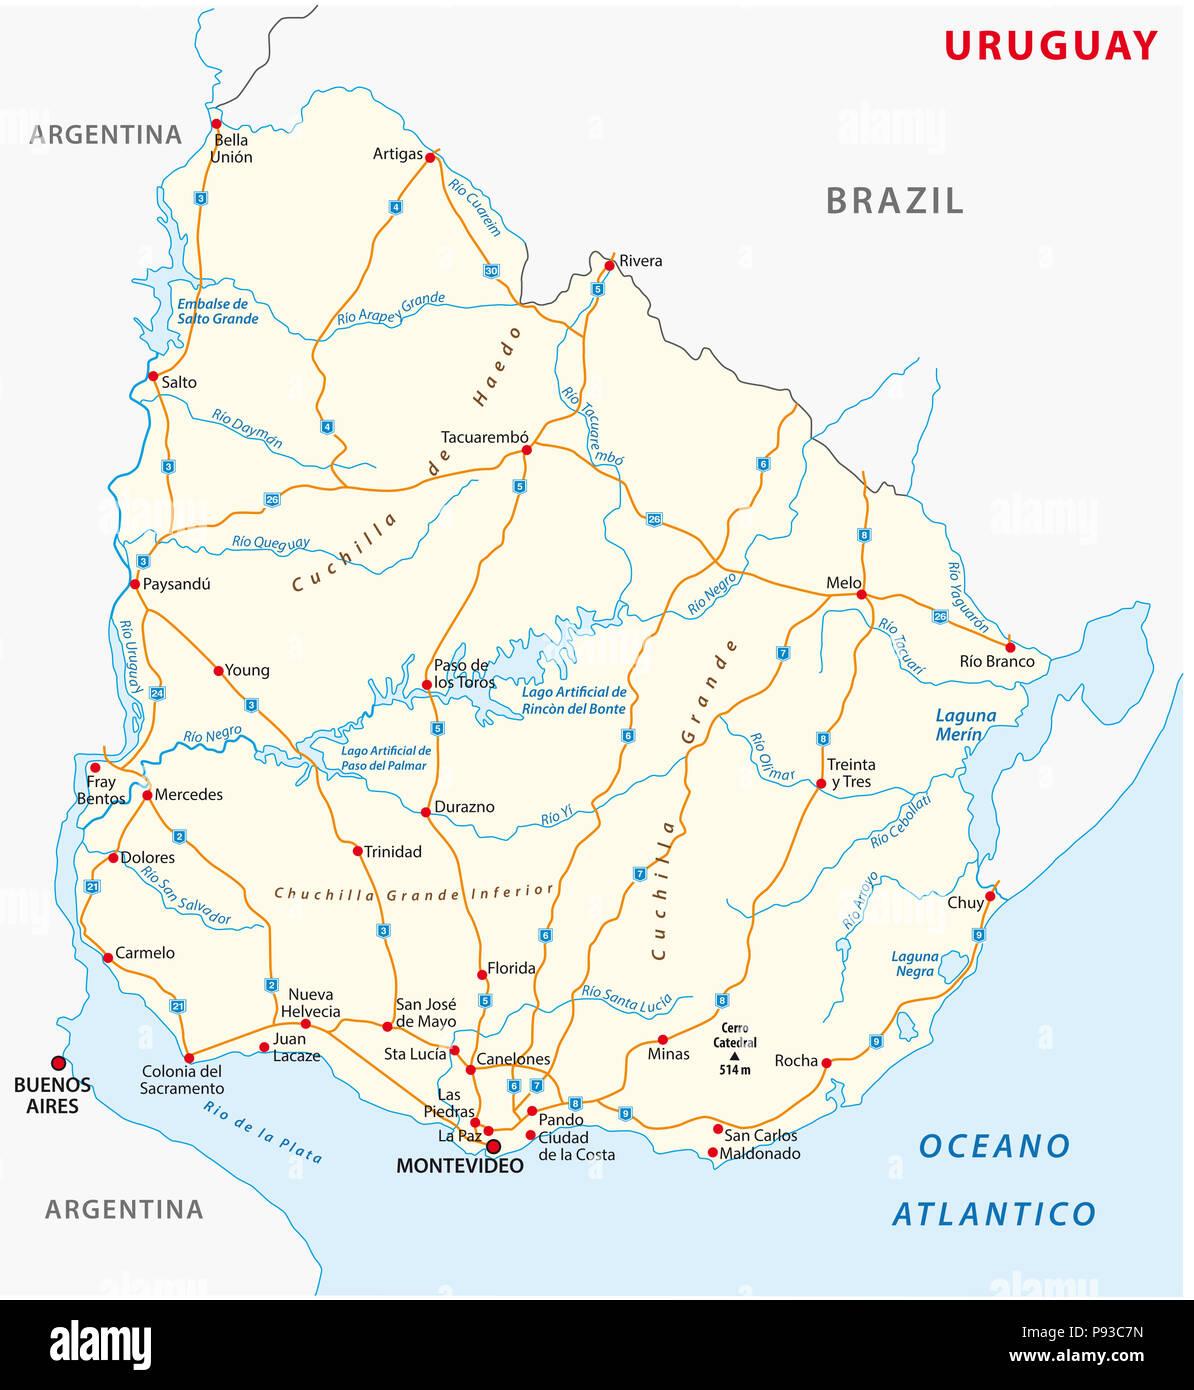 República Oriental del Uruguay road mapa de vectores. Imagen De Stock